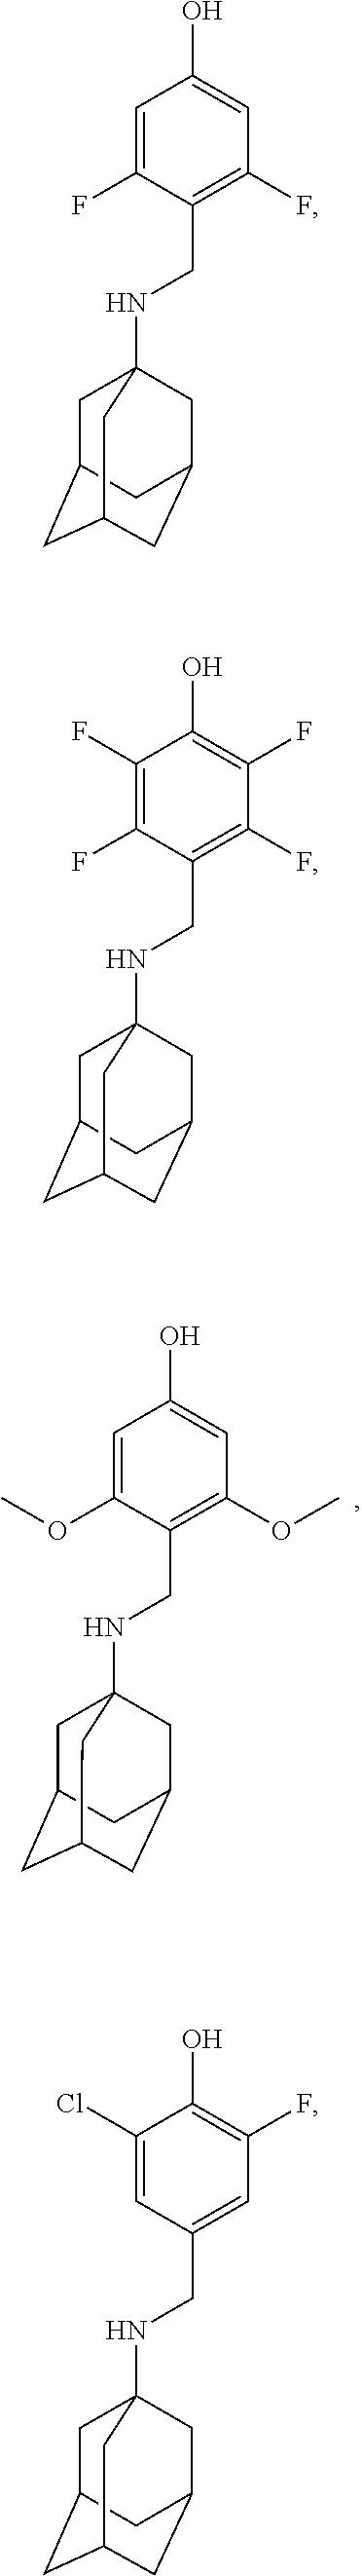 Figure US09884832-20180206-C00120